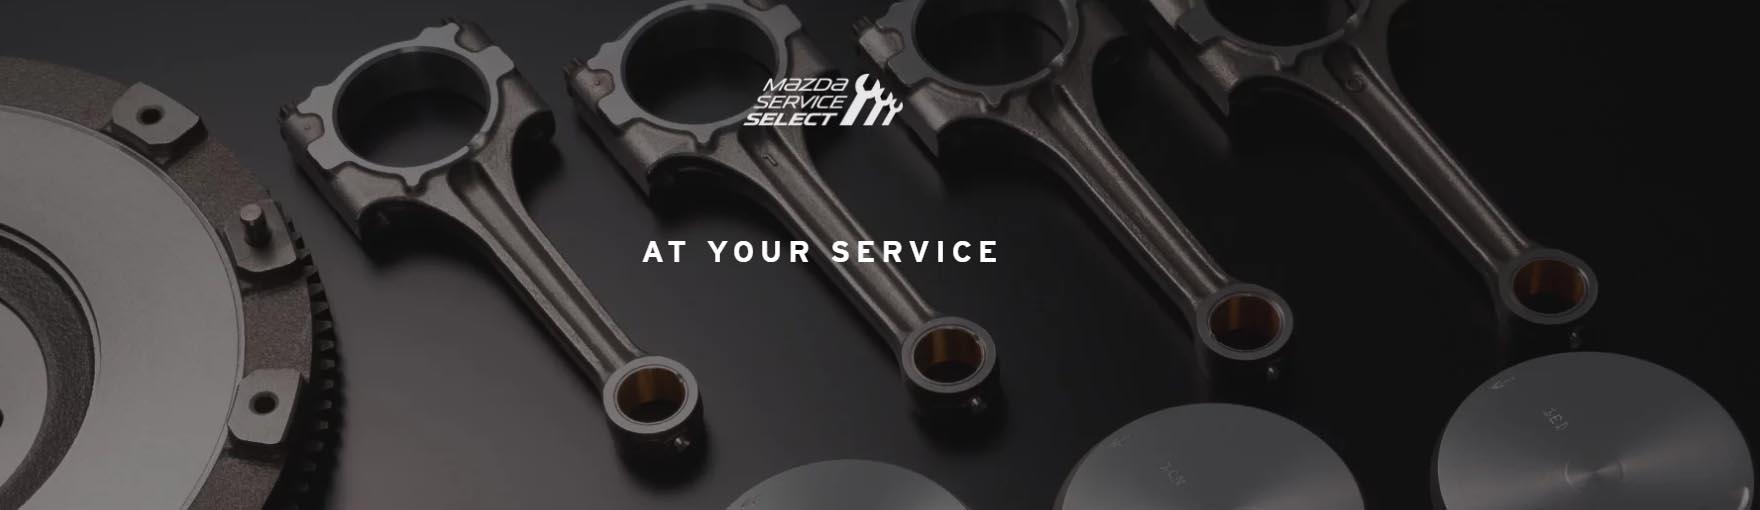 Close up of Mazda genuine parts